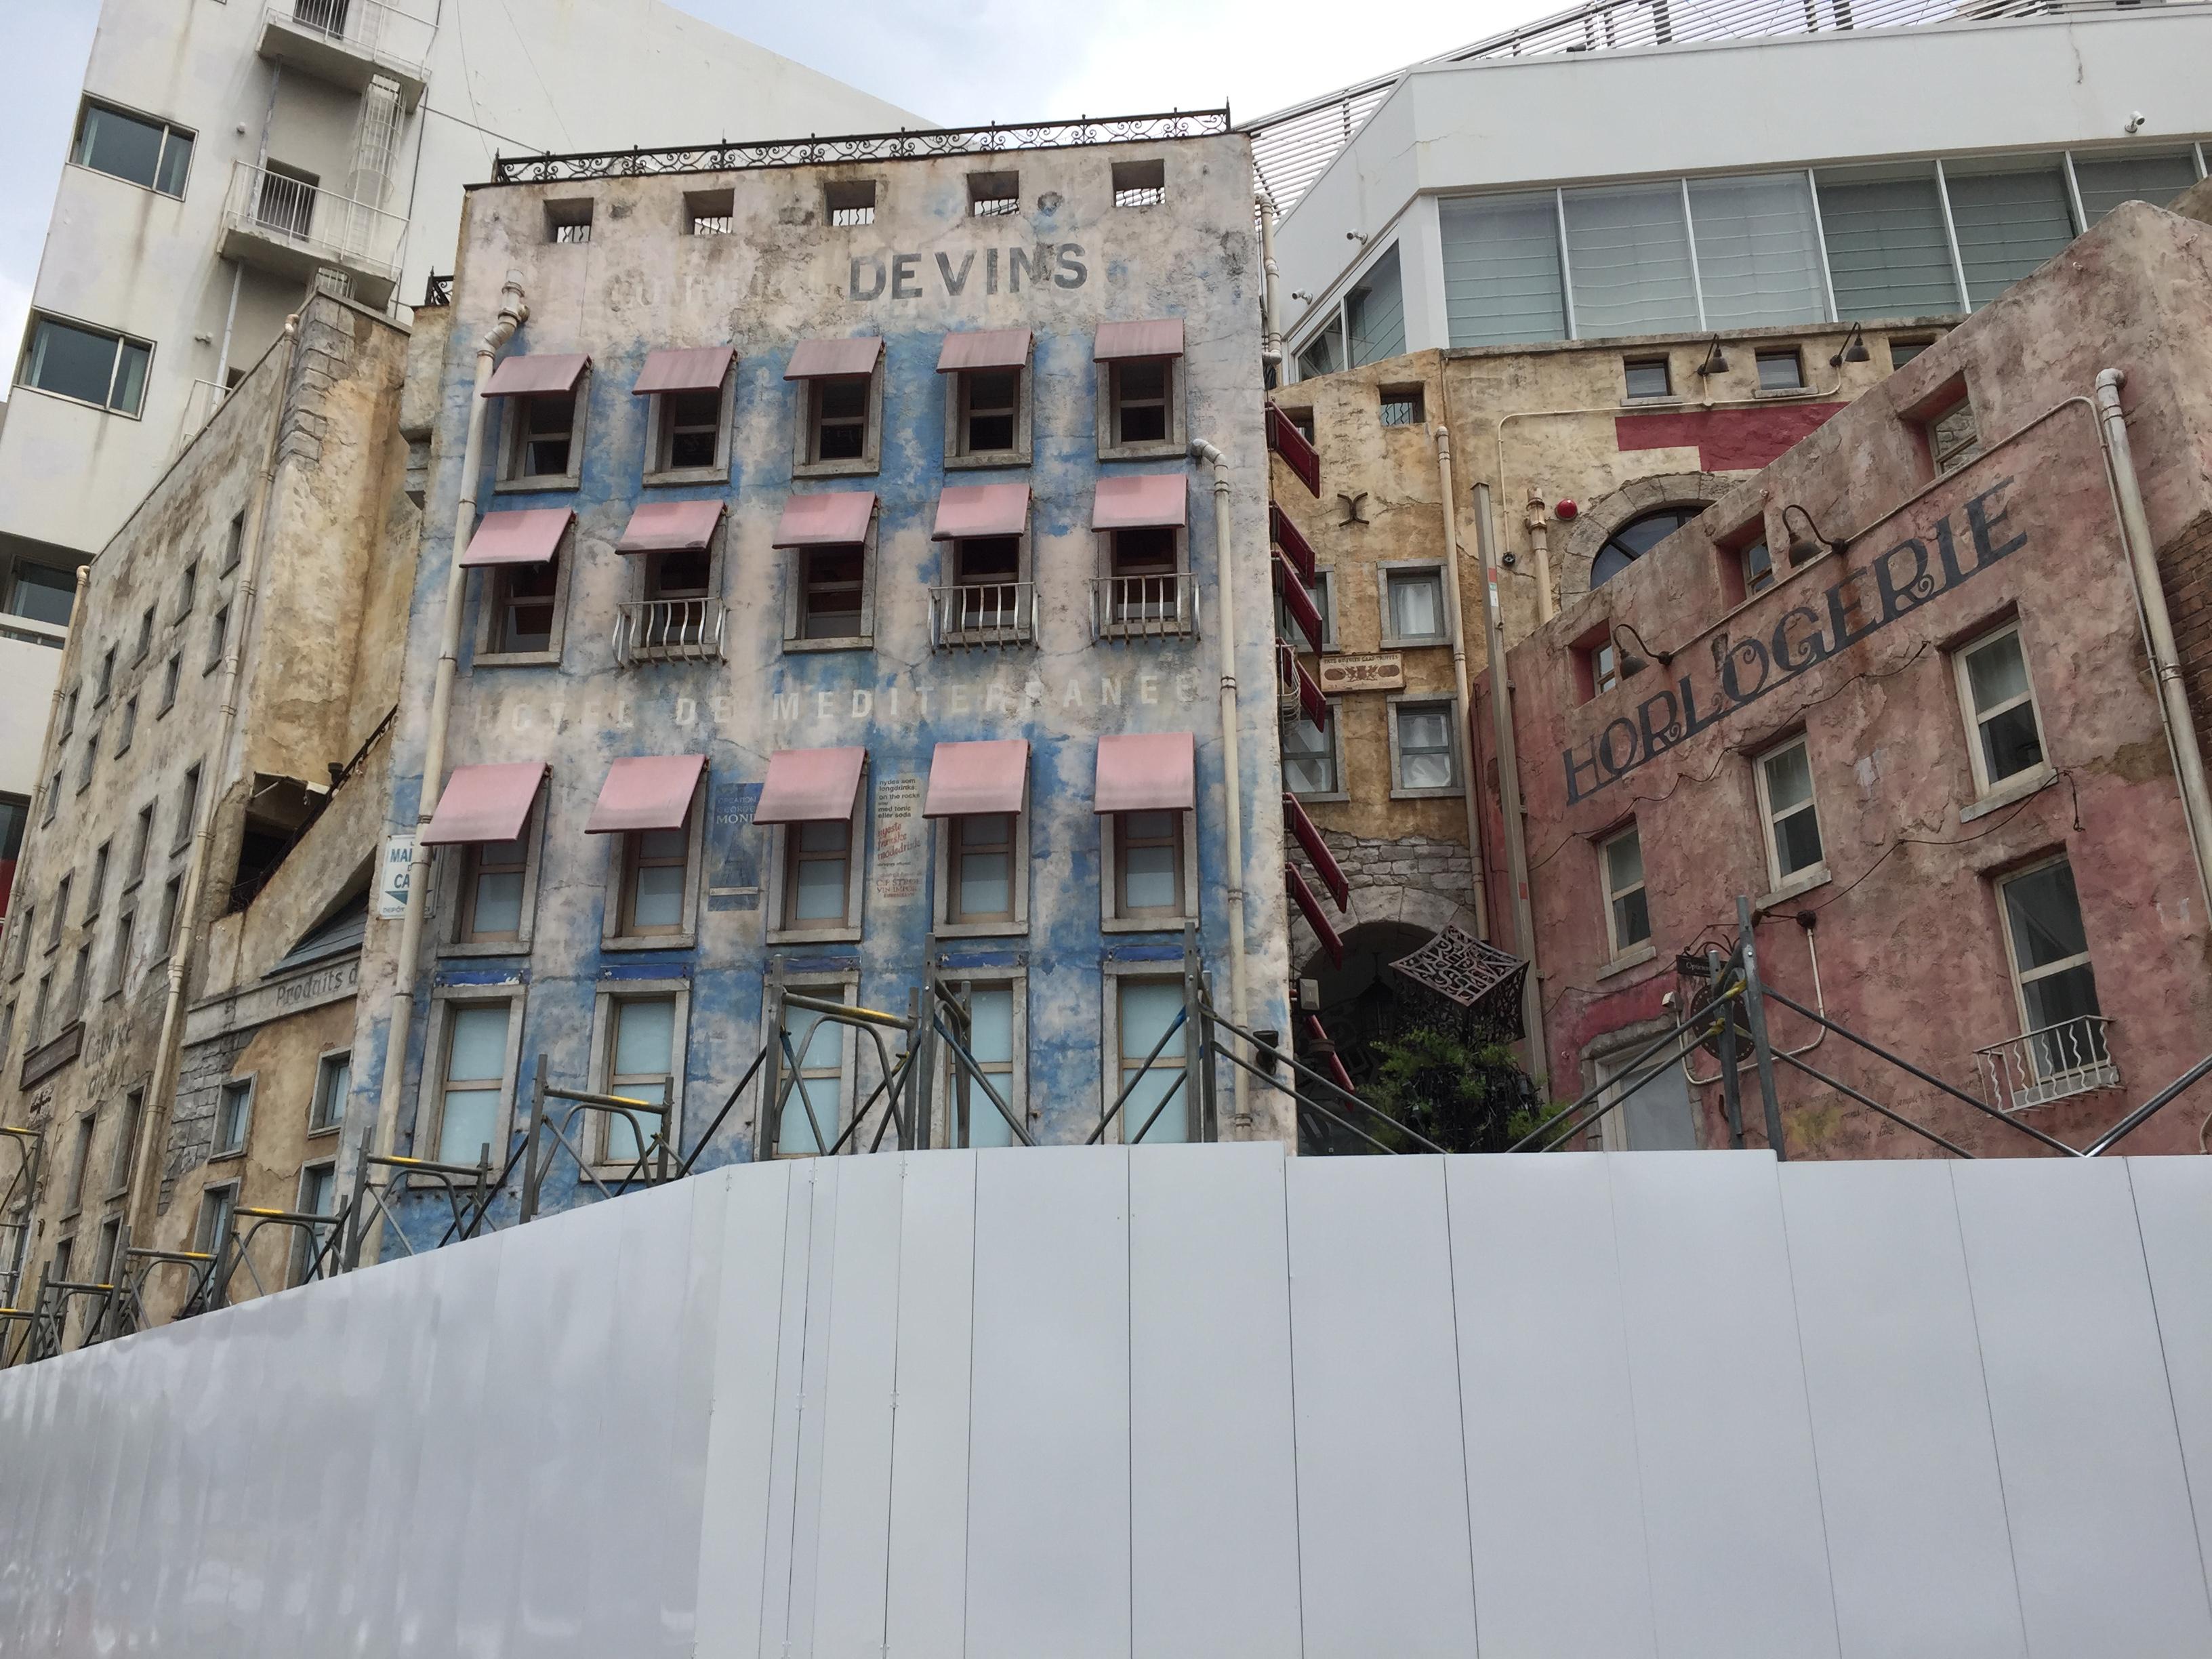 「神戸メディテラス」解体の様子はこちら、「三宮ゼロゲート」に生まれ変わるよ【写真付レポ】#神戸メディテラス